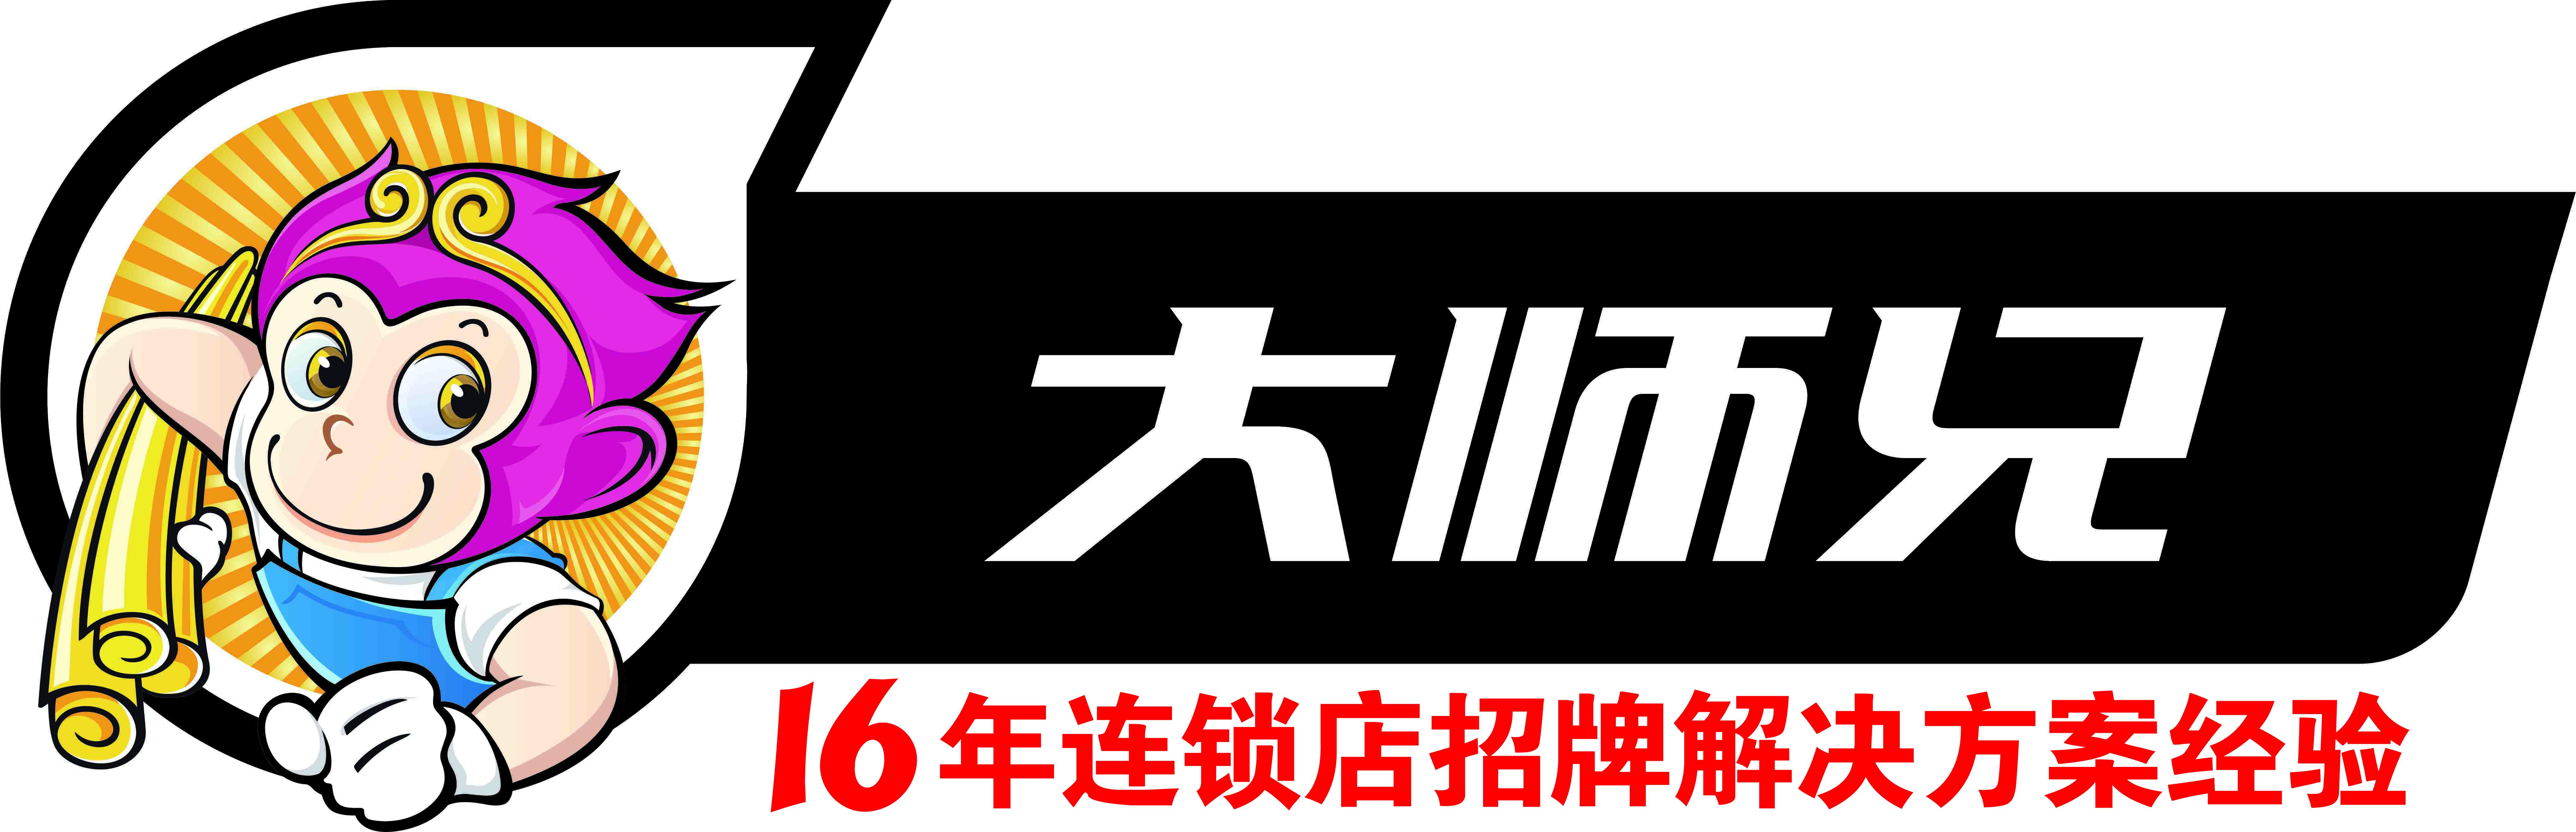 深圳悟空广告策划有限公司